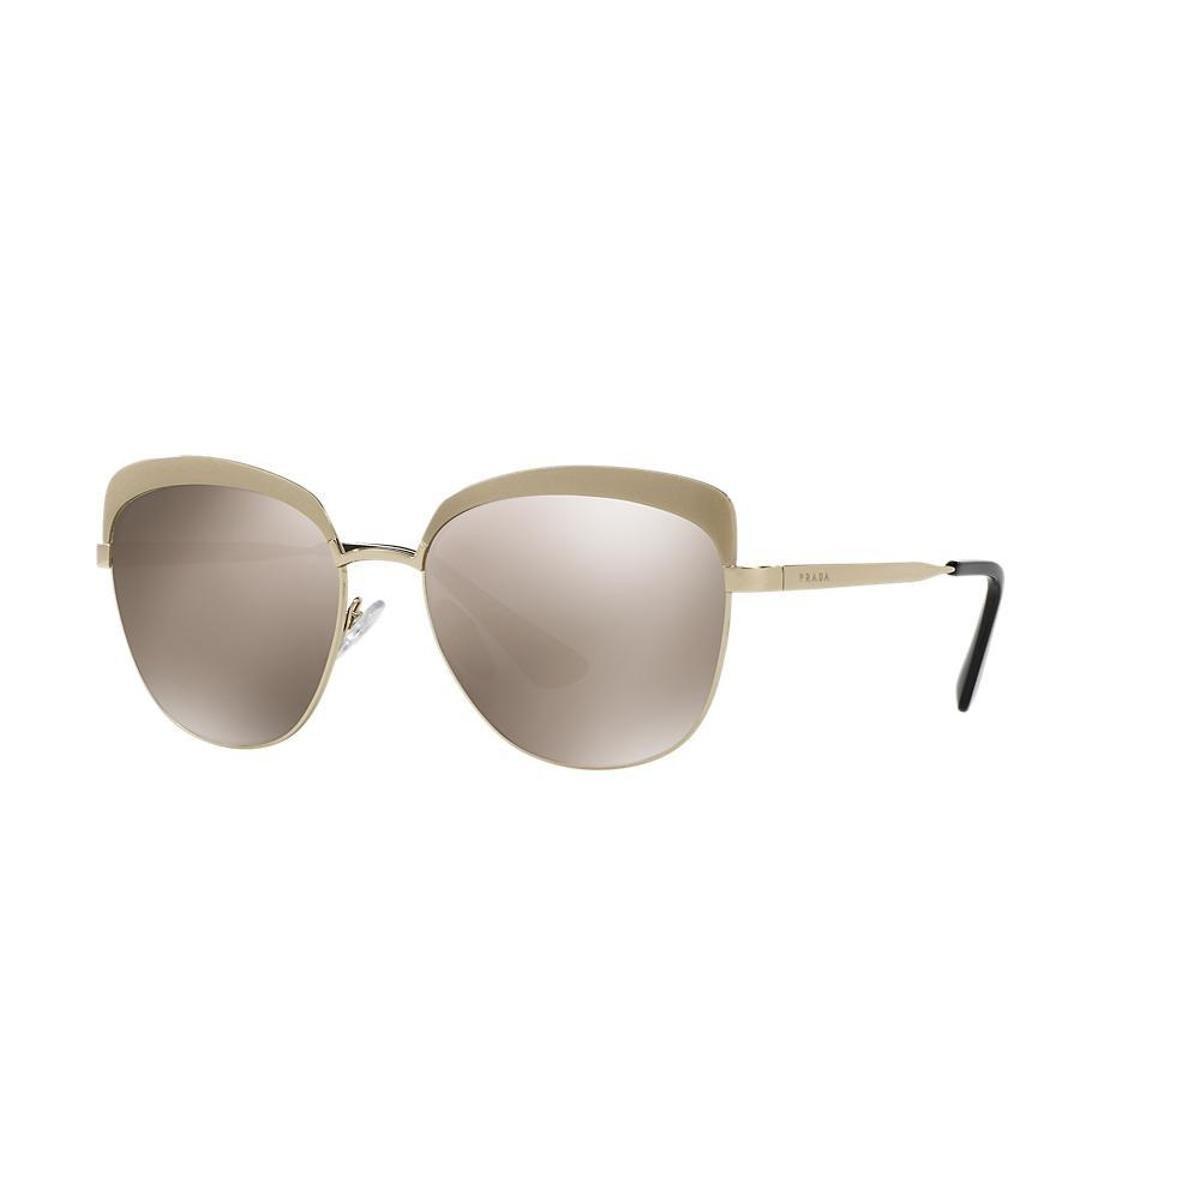 ea37c30588a6e Óculos de Sol Prada Quadrado PR 51TS Feminino - Compre Agora Zattini  ef50dcff4427af ...